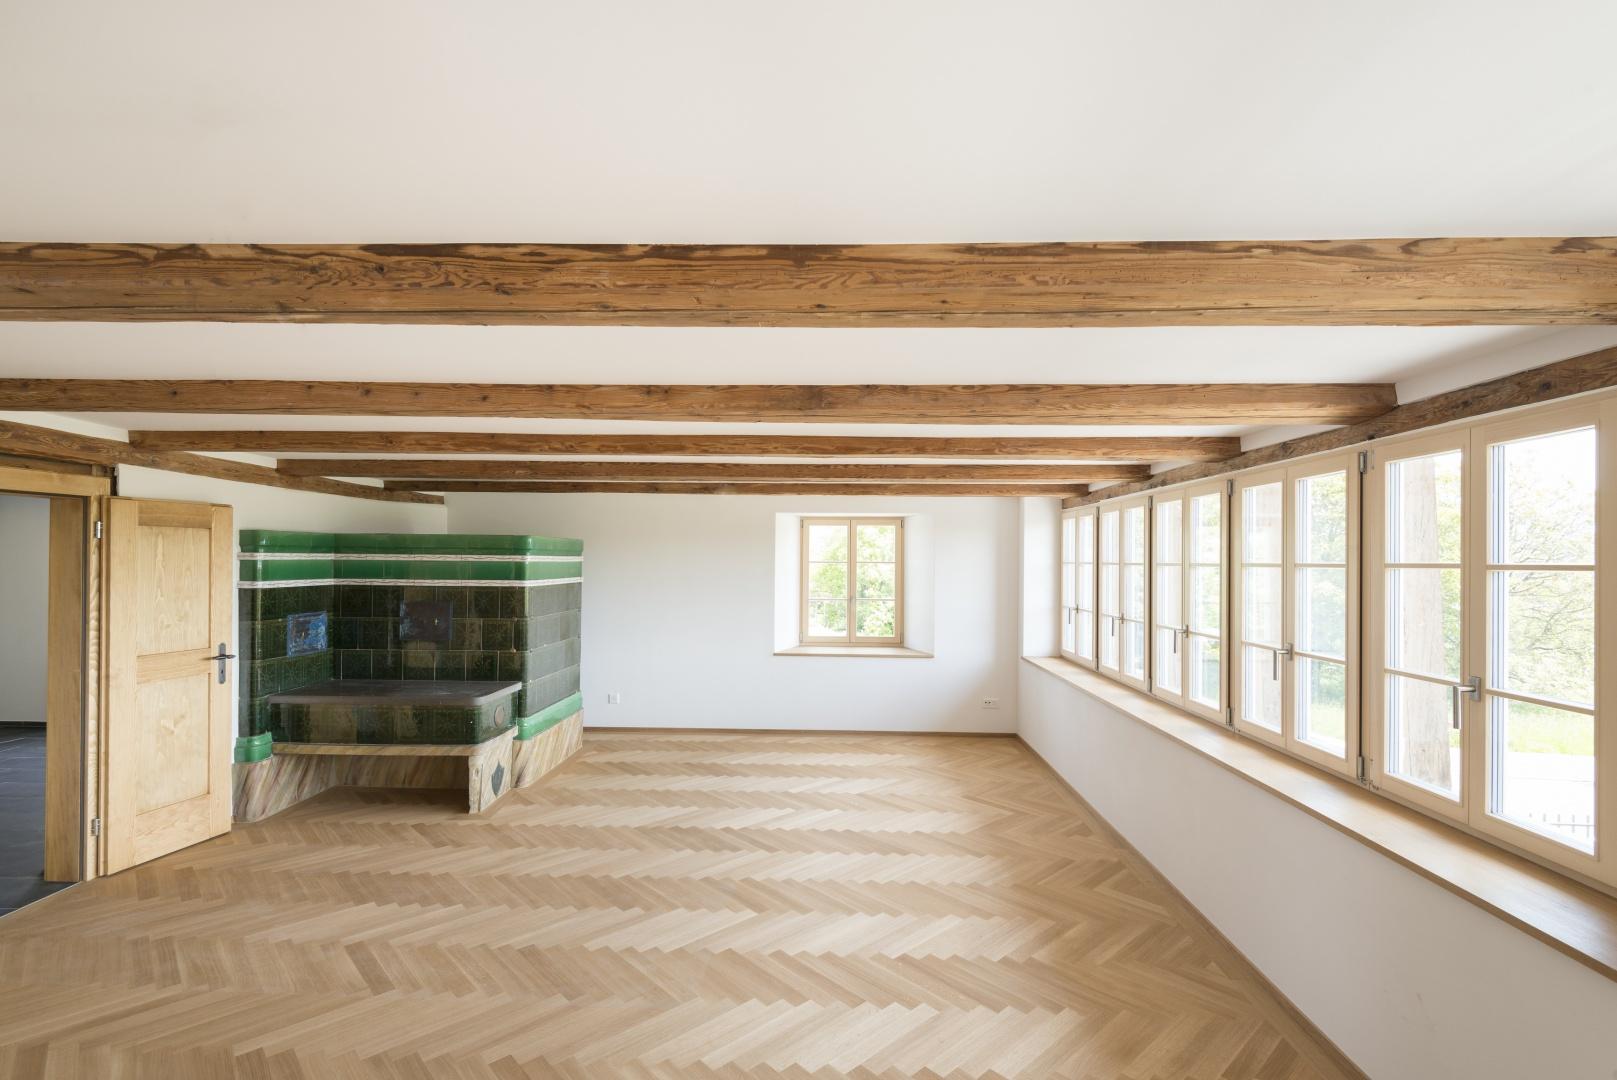 Innenausbau Wohnzimmer © Klaus Hoffmann Fotograf